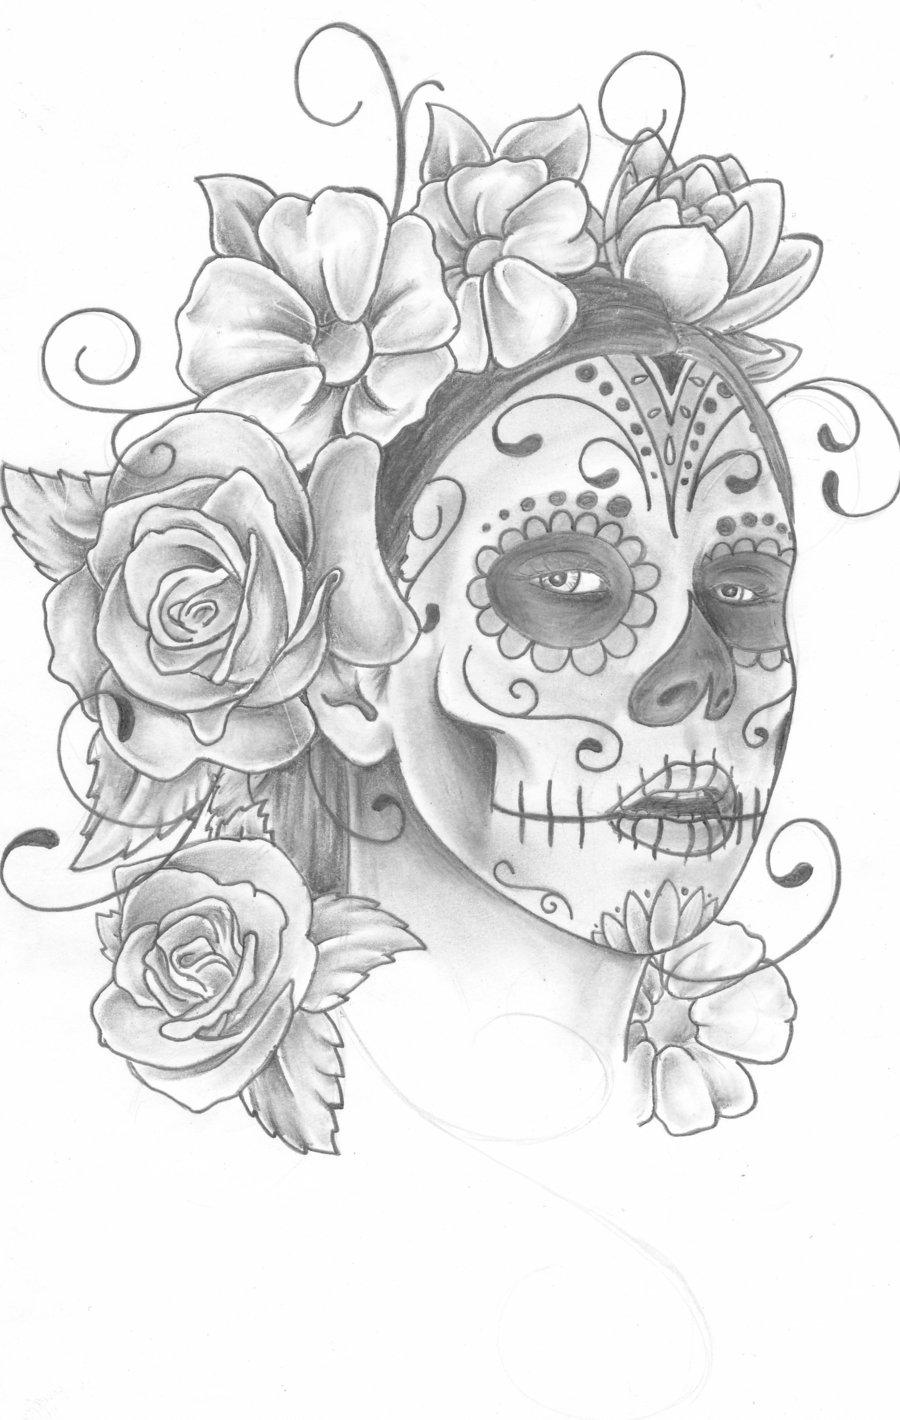 Drawn sugar skull scull Sugar by by  trippkayaris